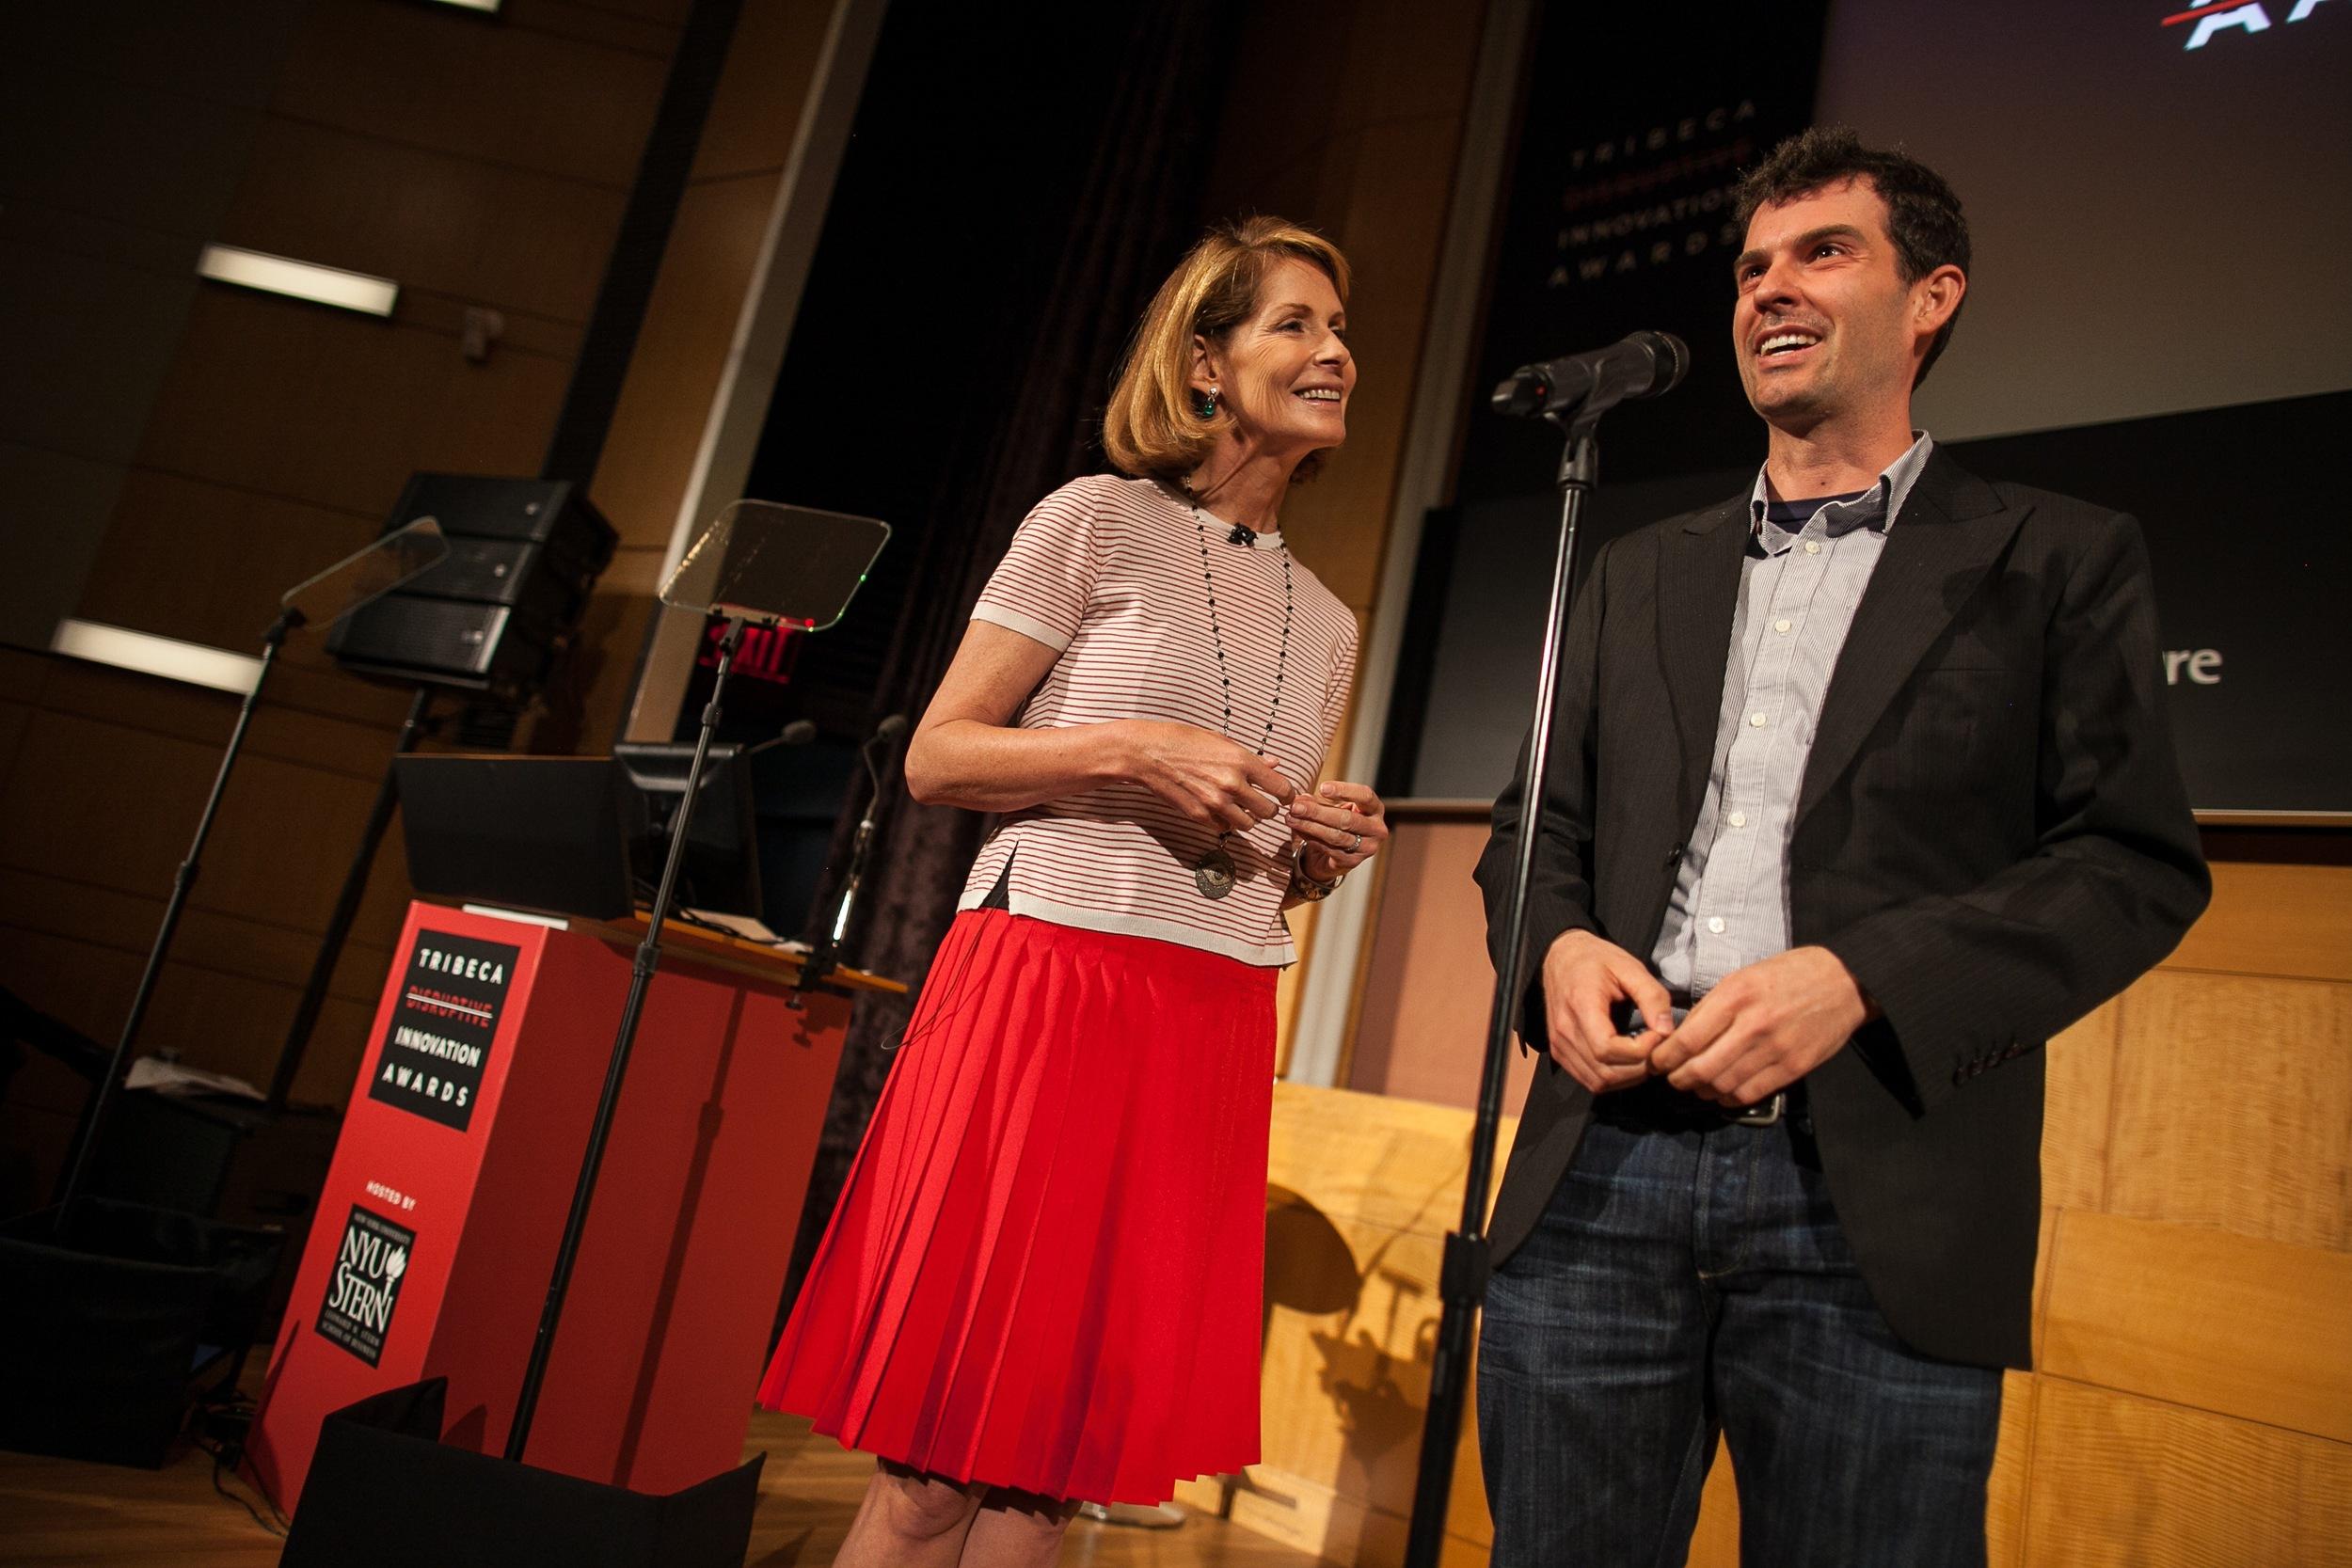 Tribeca Disruptive Innovation Awards 2013 - 095.jpg